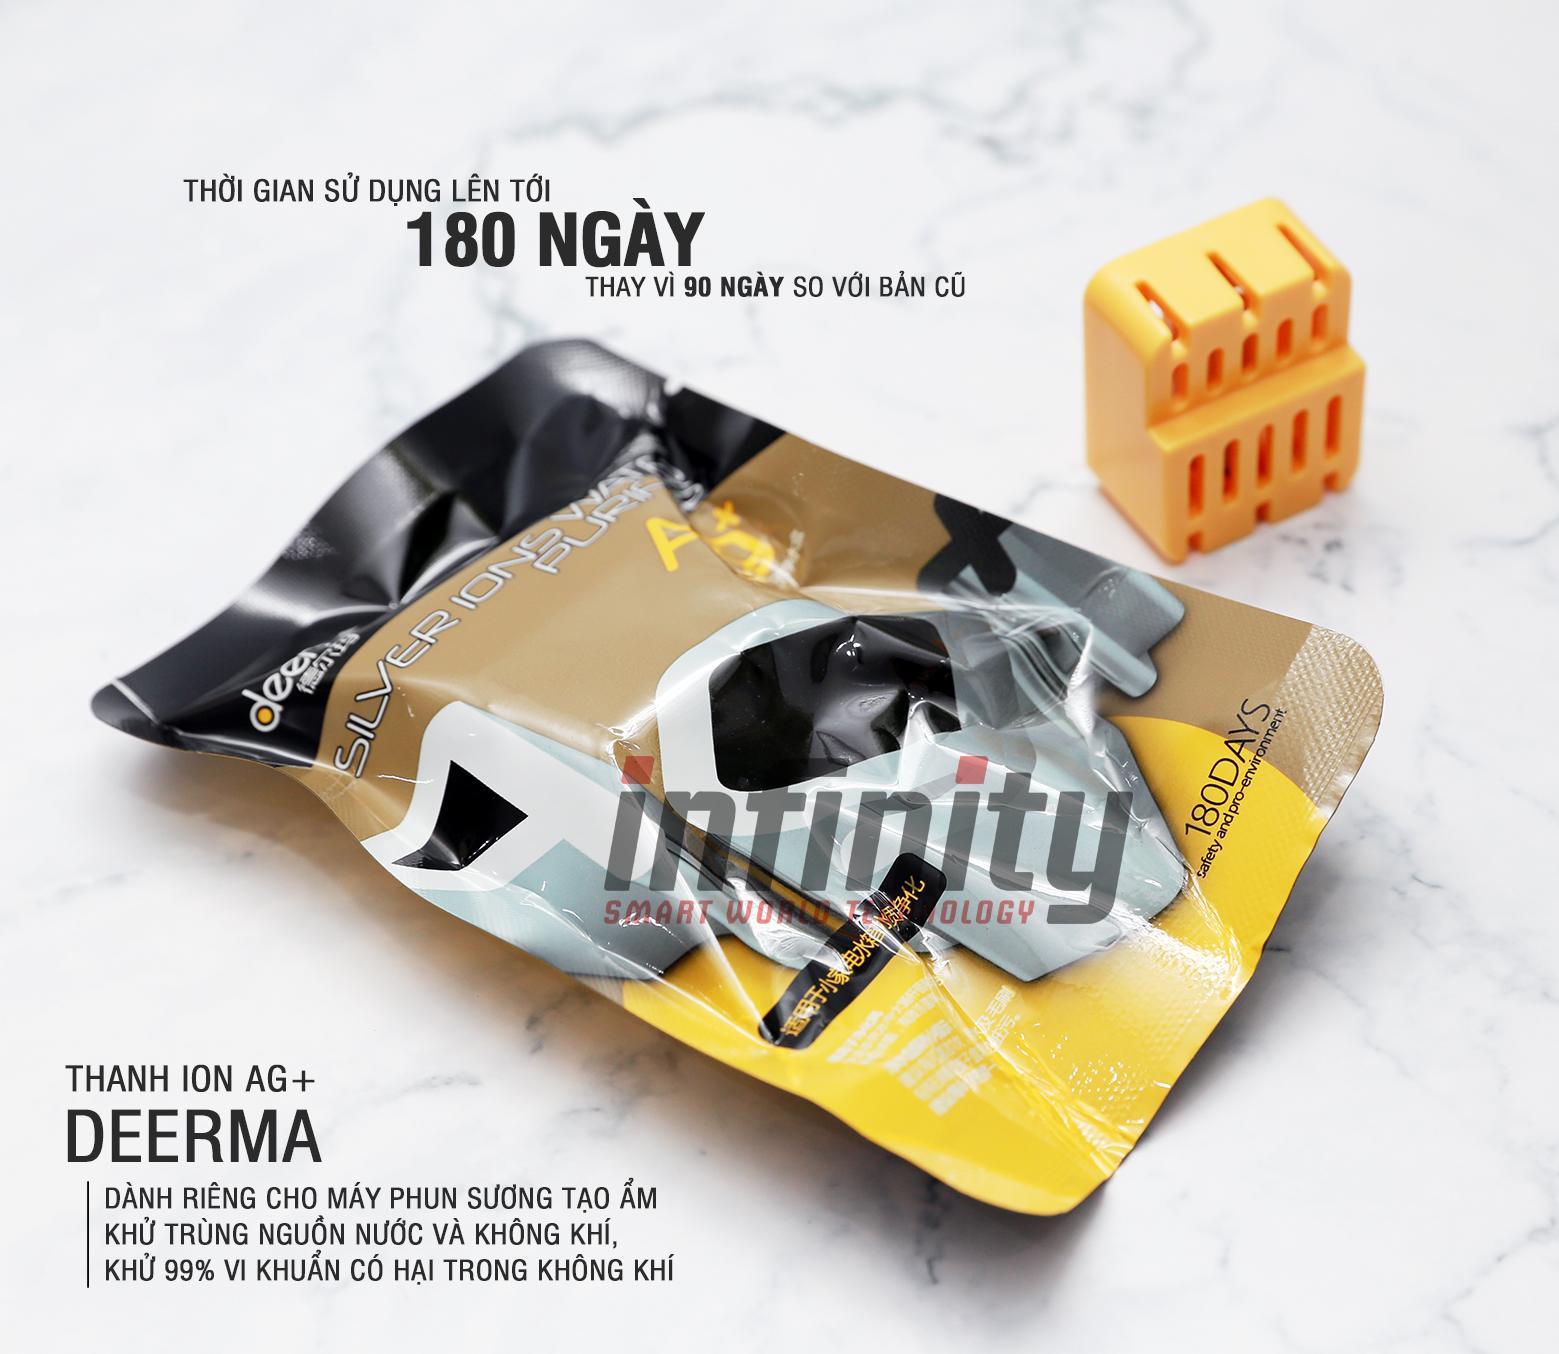 Bảng giá Lõi iOn Ag+ Deerma khử khuẩn không khí & nguồn nước (New Design)